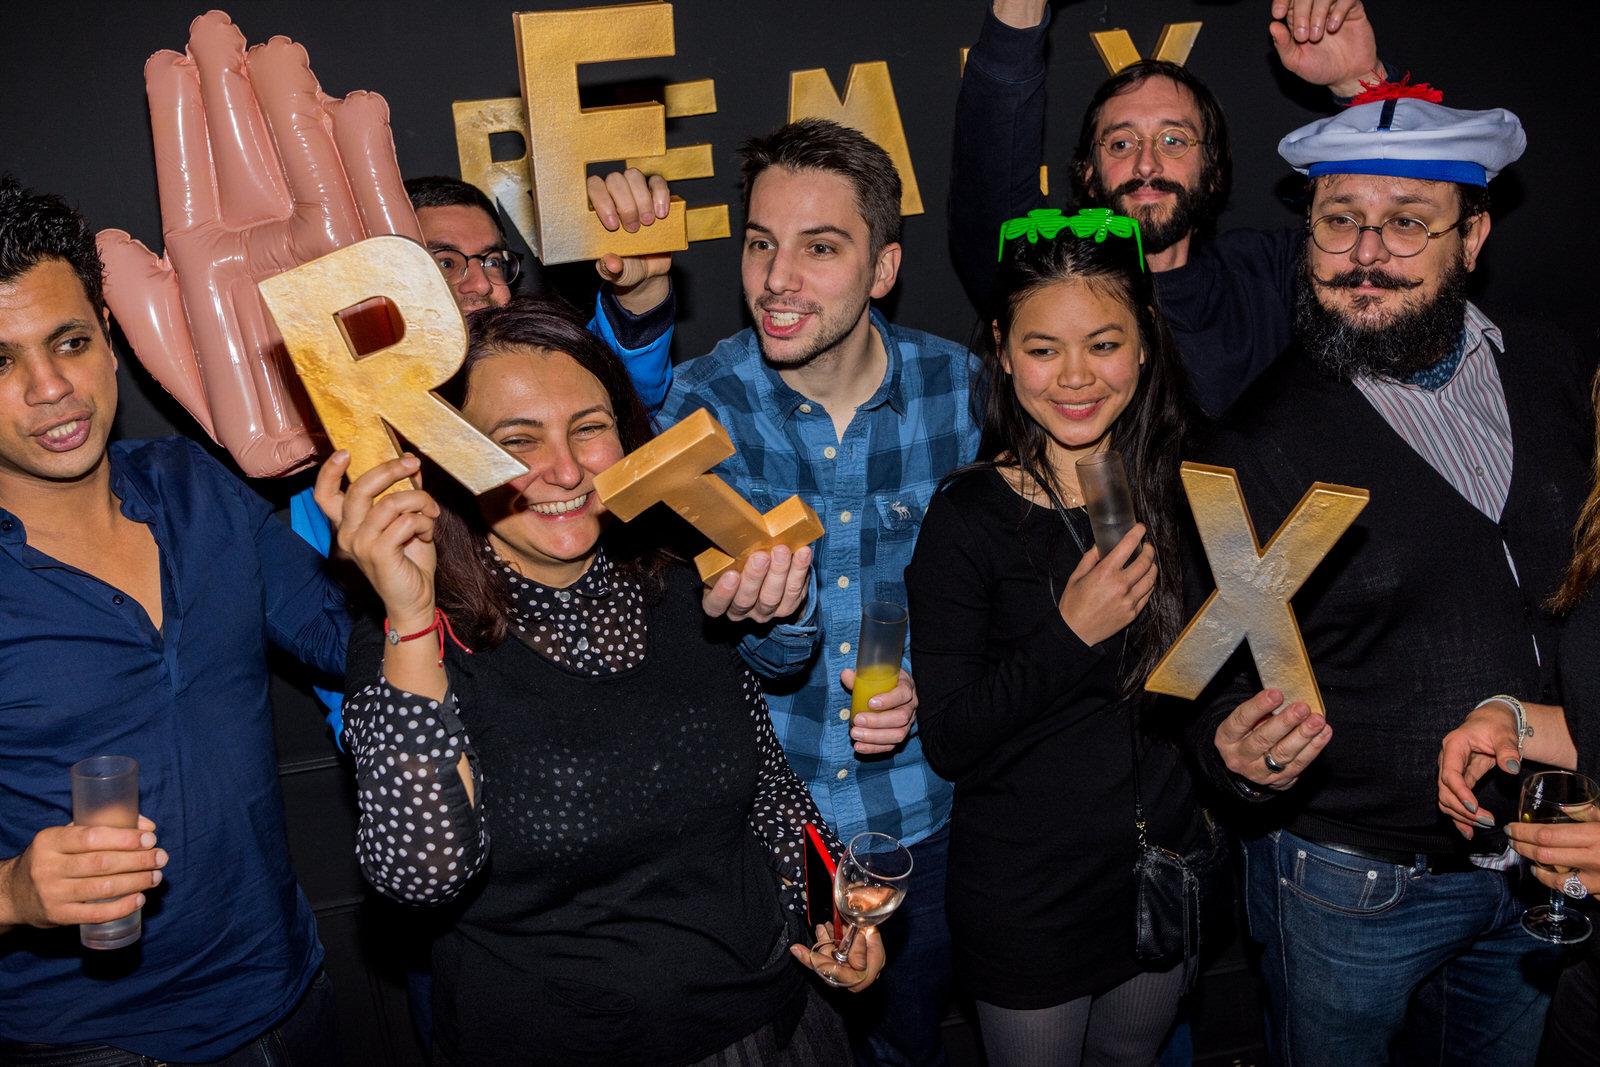 Espace de coworking paris REMIX party winter - 144.jpg